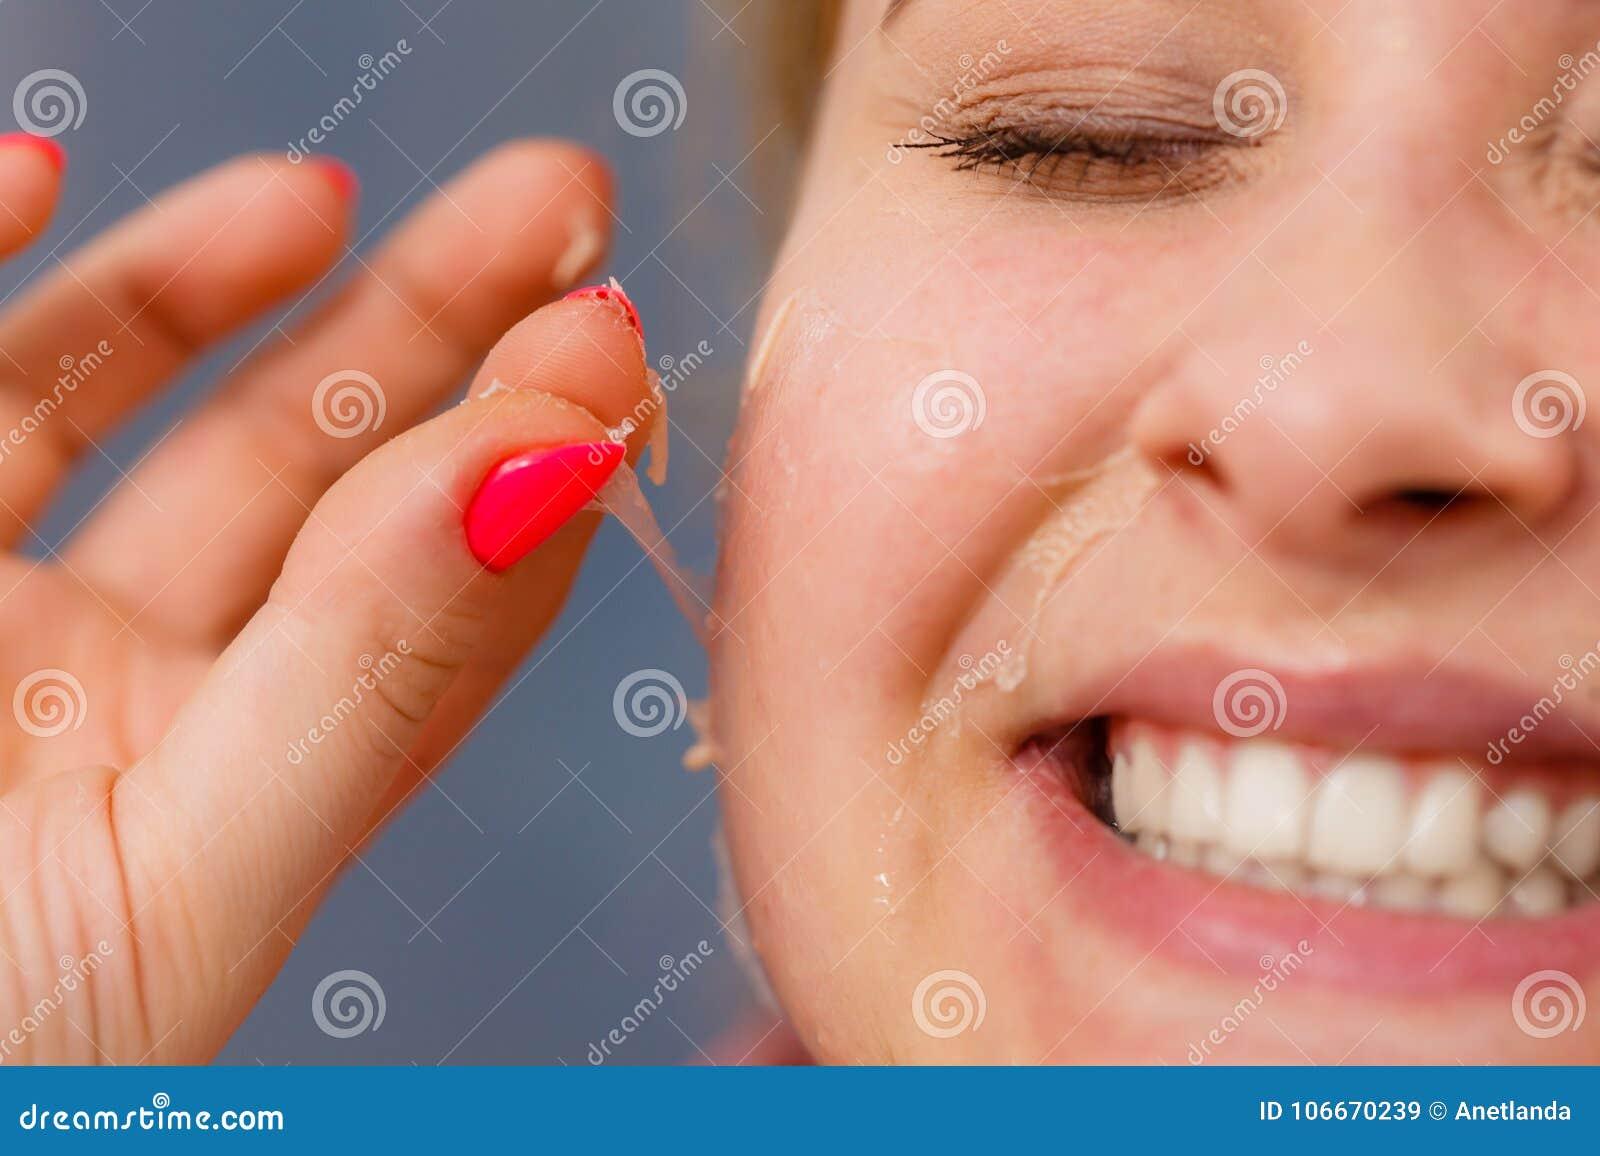 dry pealing facial skin